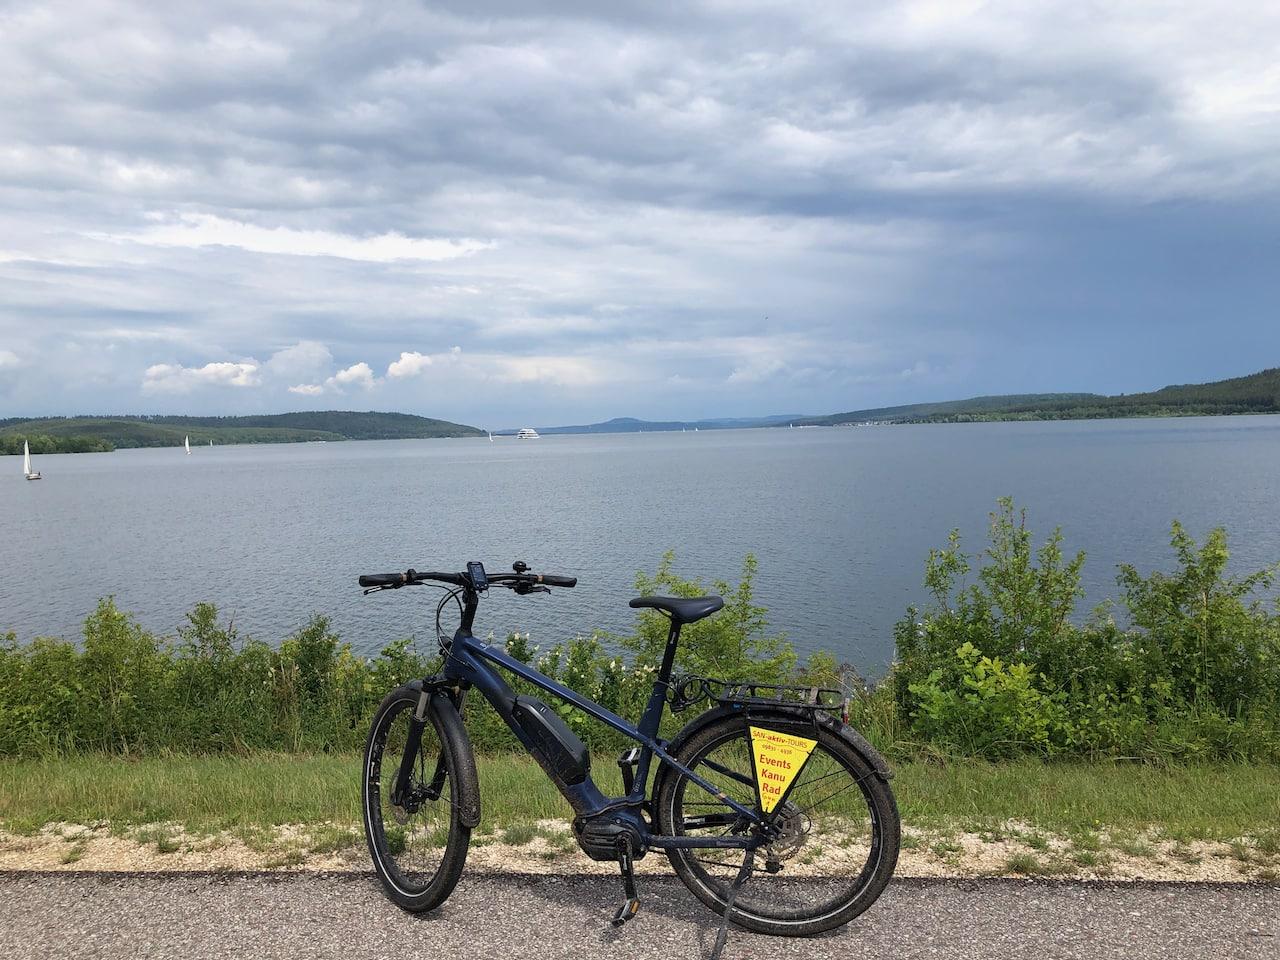 Een e-bike staat op het dam dat door het mideen van de Grosse Brombachsee in het Frankse merengebied loopt